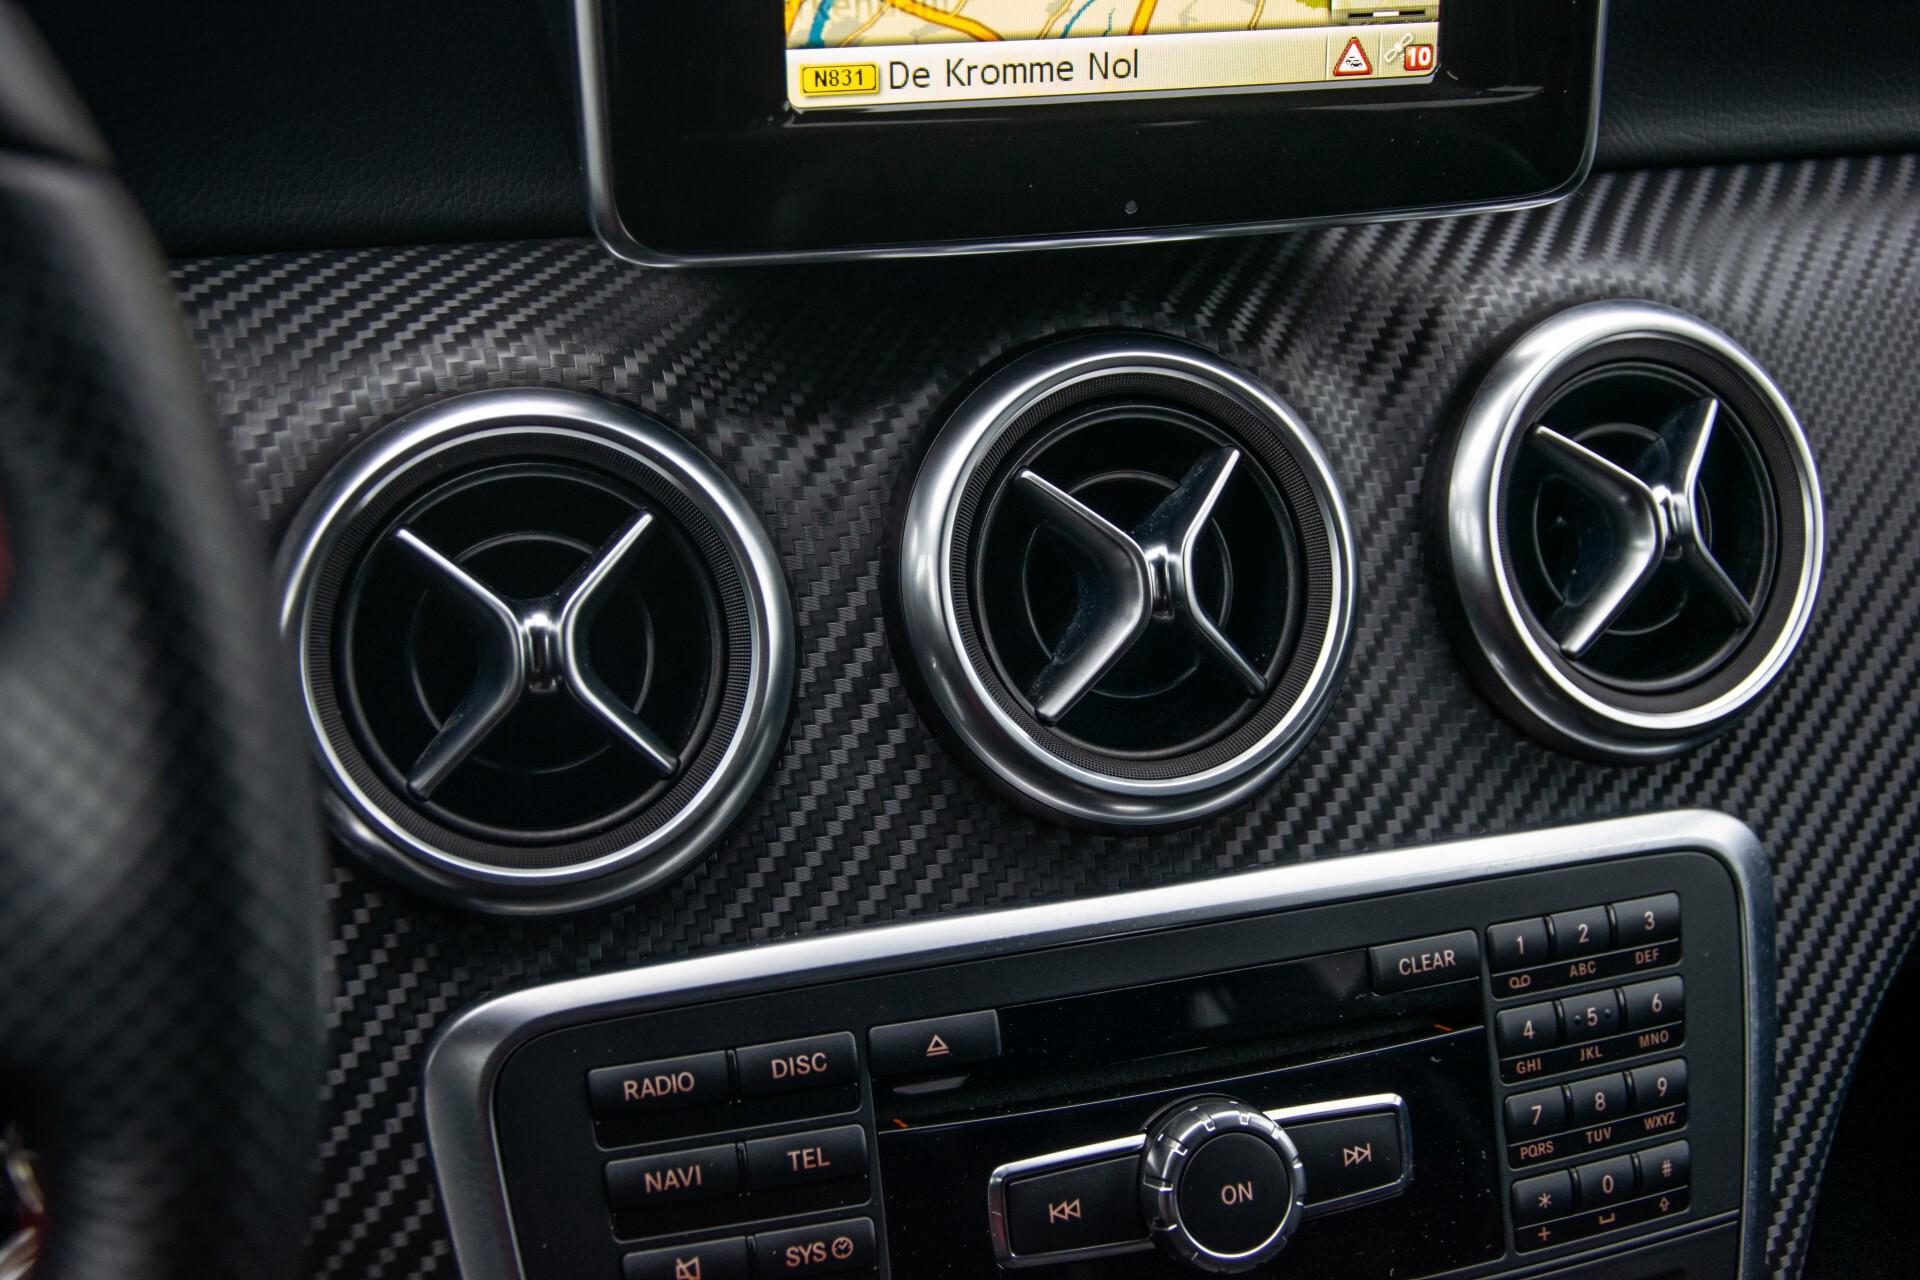 Mercedes-Benz A-Klasse 180 AMG Dynamic Handling/Camera/Xenon/Navi/Privacy Aut7 Foto 20